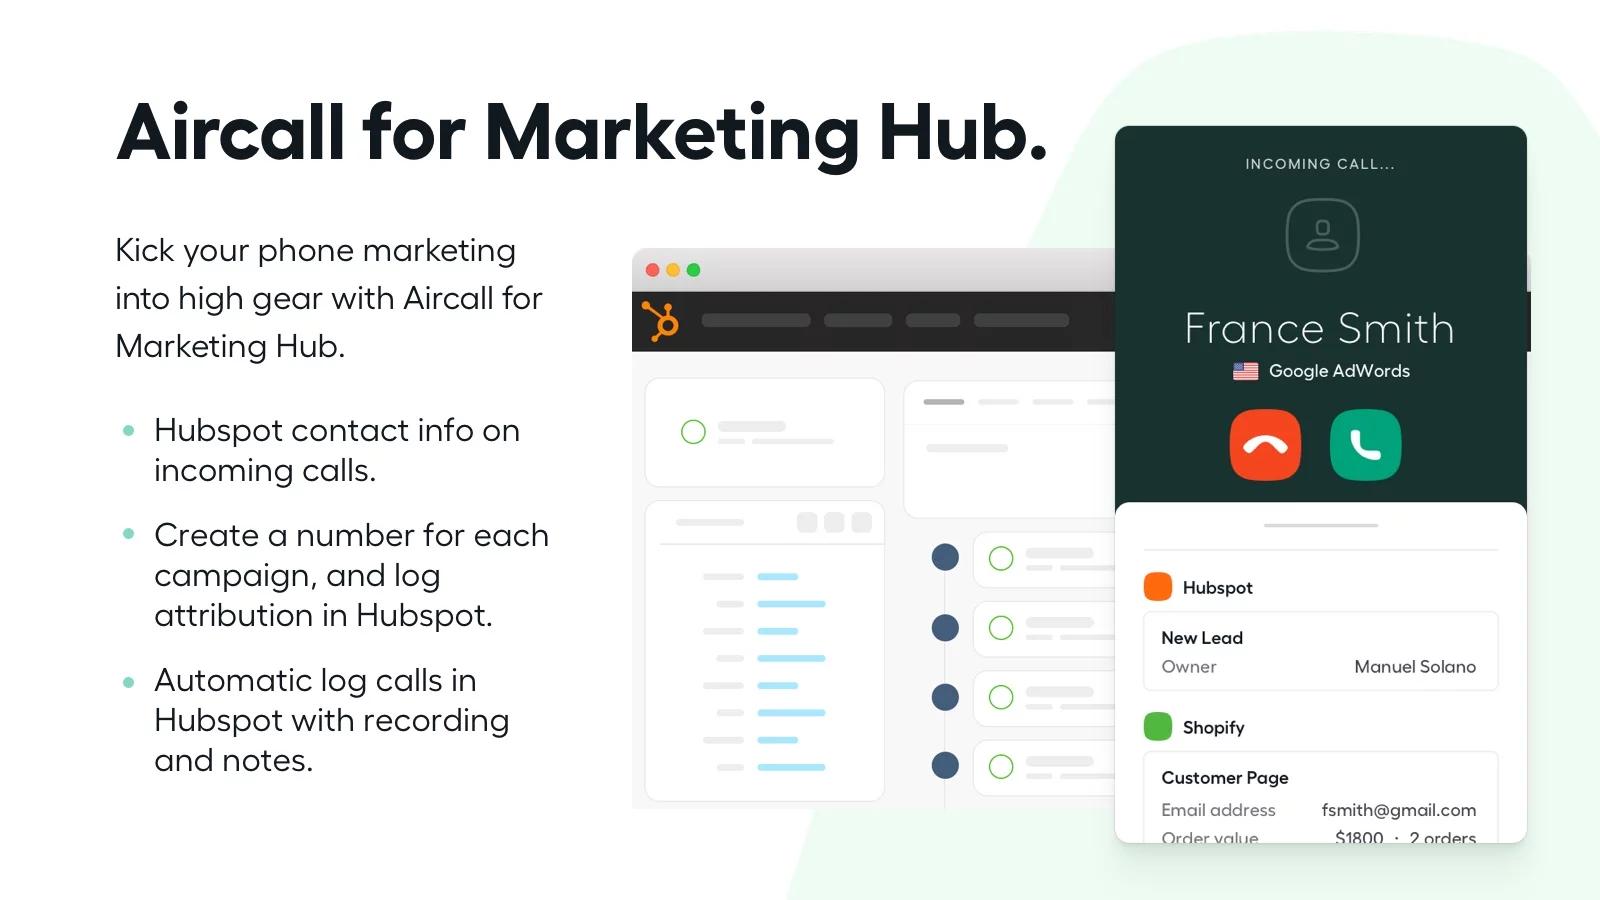 aircall-marketing